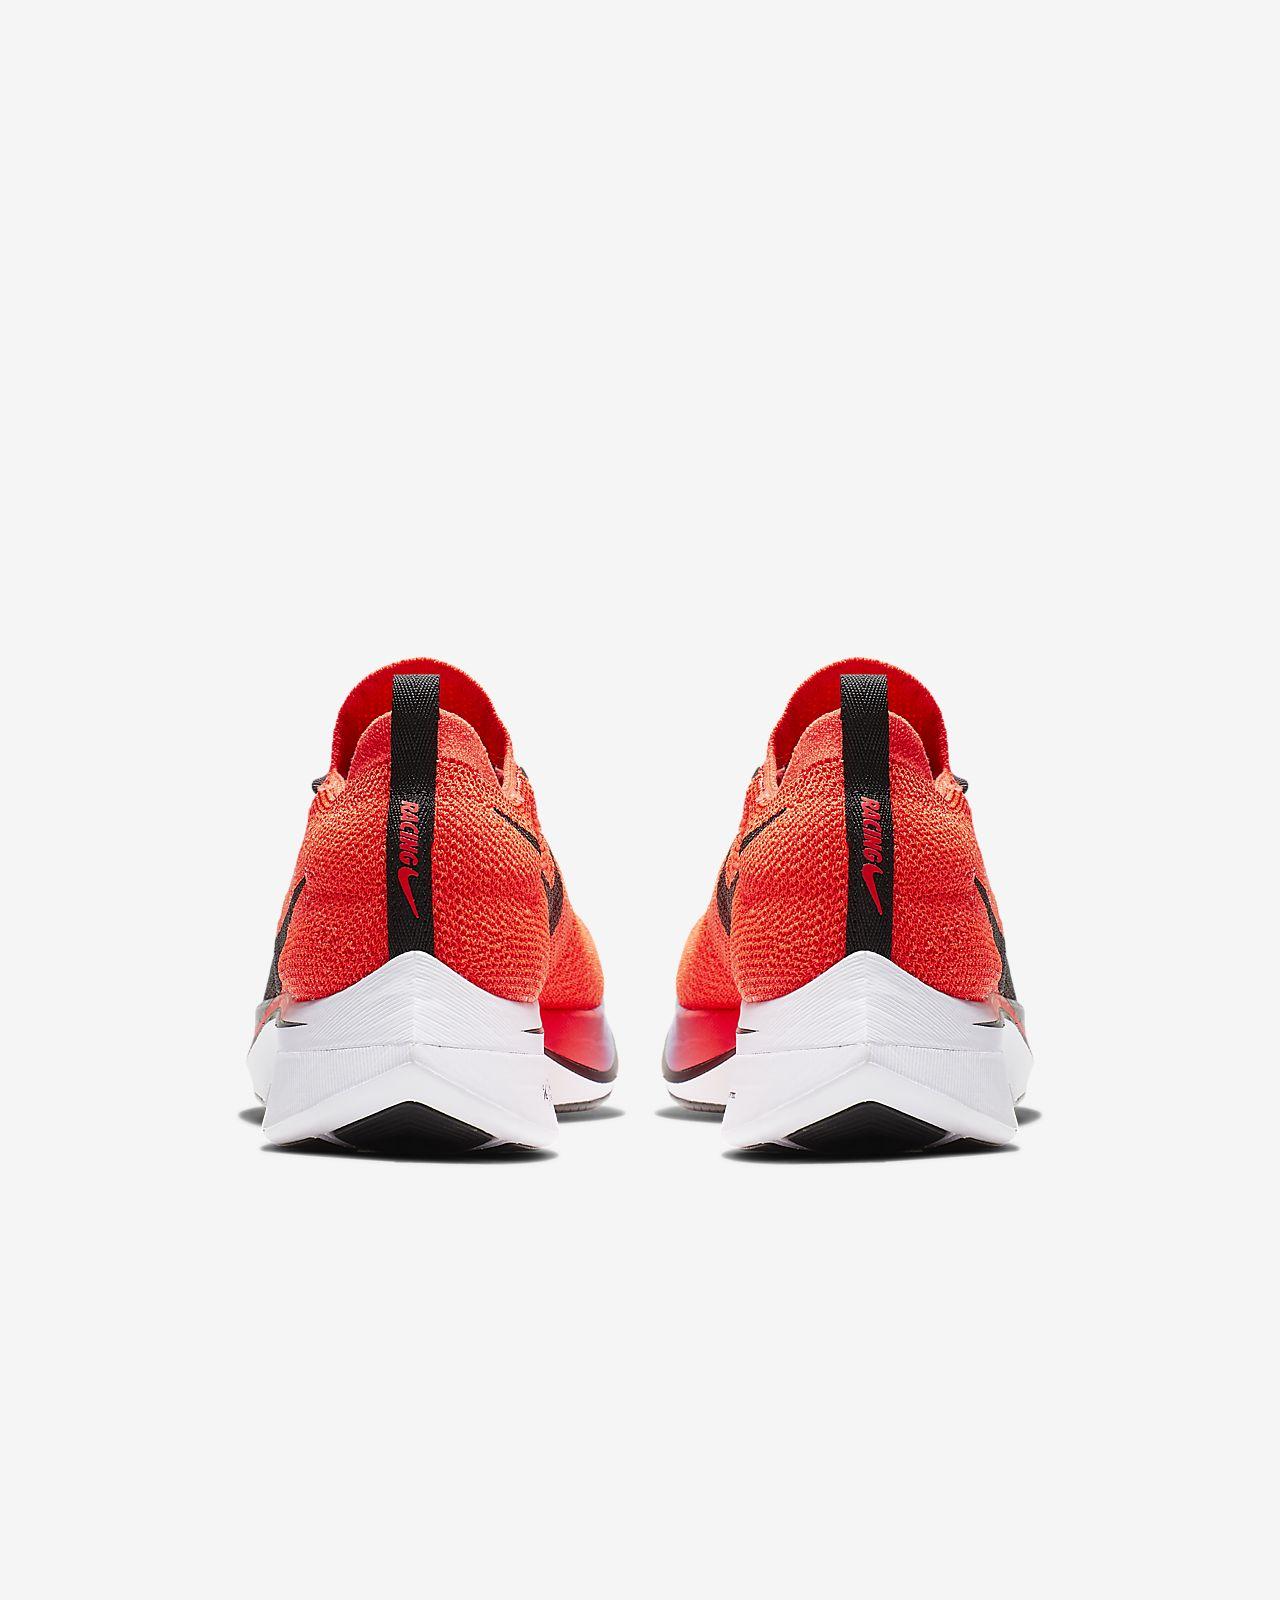 on sale 97d88 b3585 ... Nike Vaporfly 4% Flyknit Running Shoe